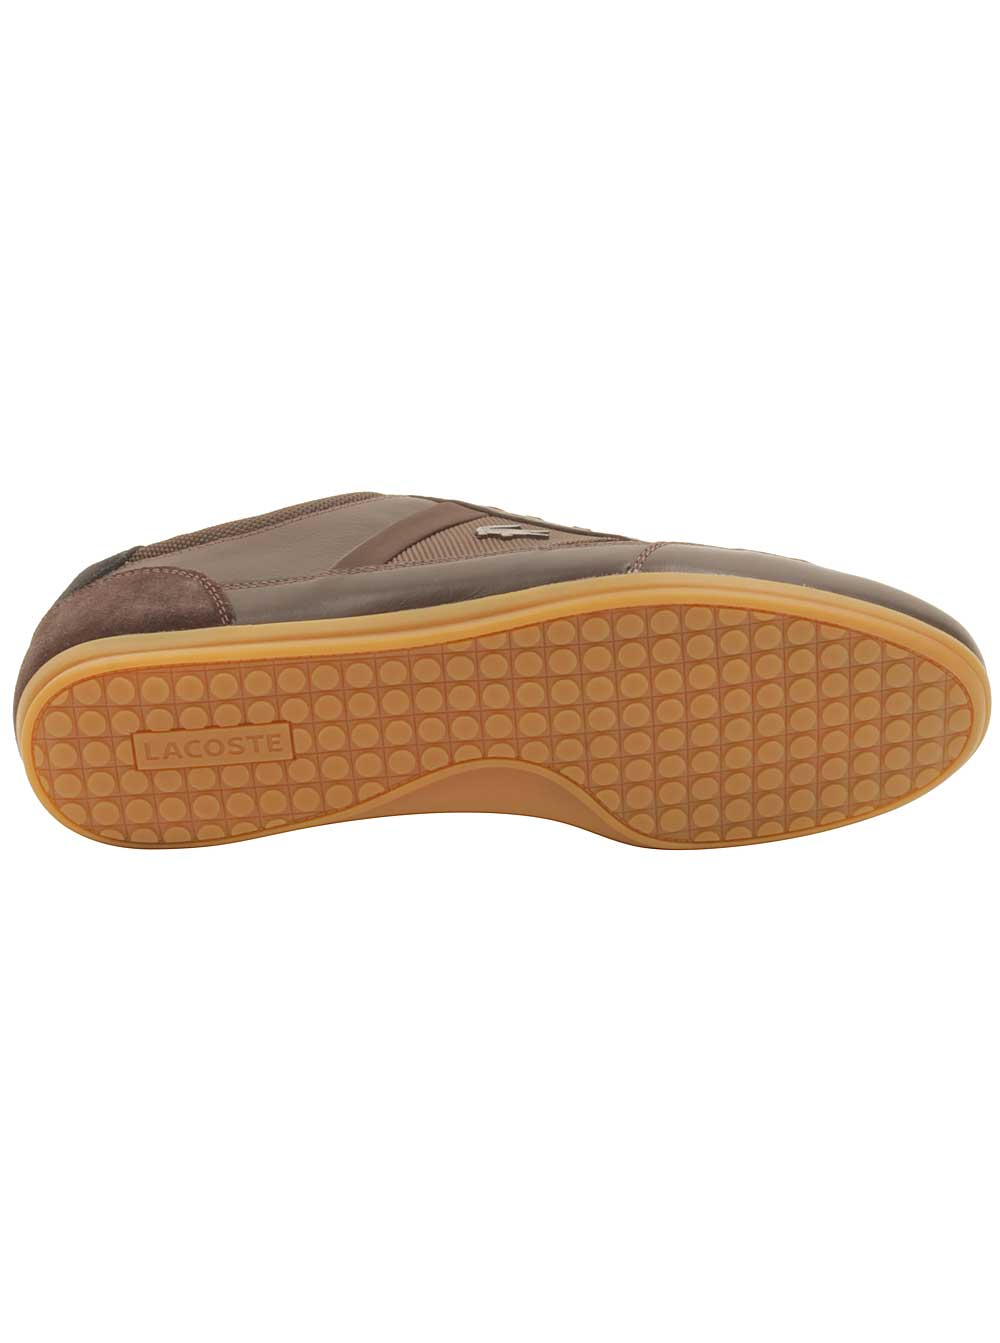 Lacoste Mens Chaymon 116 Sneakers in Dark Brown/Black